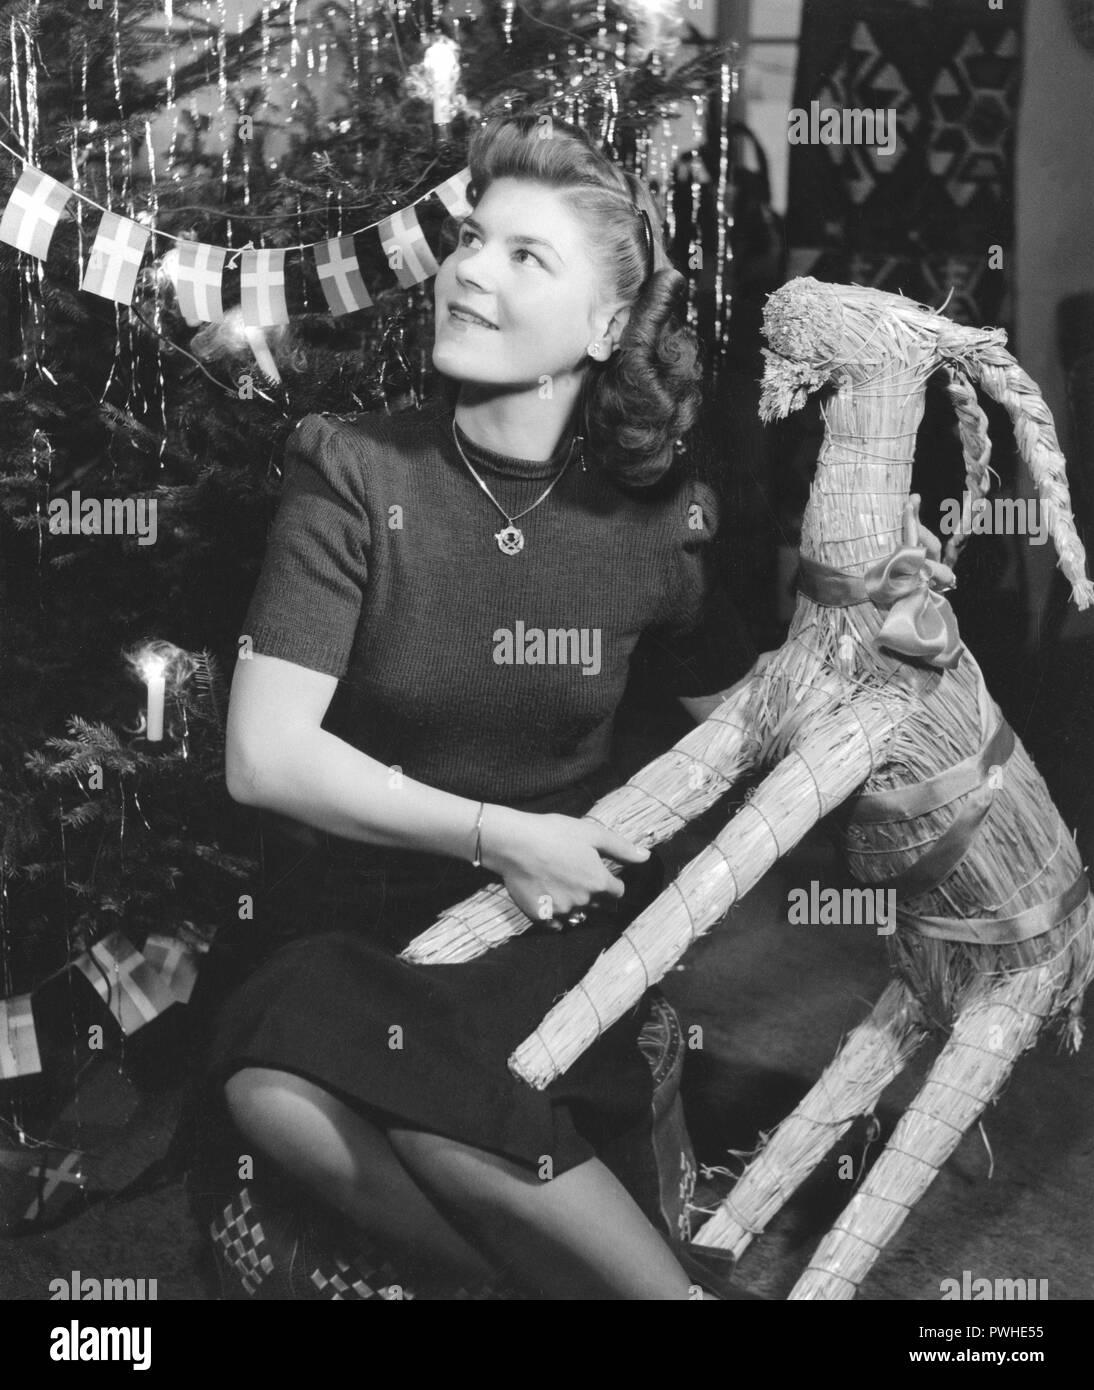 Weihnachten in den 1940er Jahren. Die jungen Eiskunstlauf Britta Råhlen feiert Weihnachten zu Hause in den 1940er Jahren. Sie hält eine traditionelle Stroh Ziege, als sie durch den Weihnachtsbaum sitzt. Schweden 1940. Stockbild